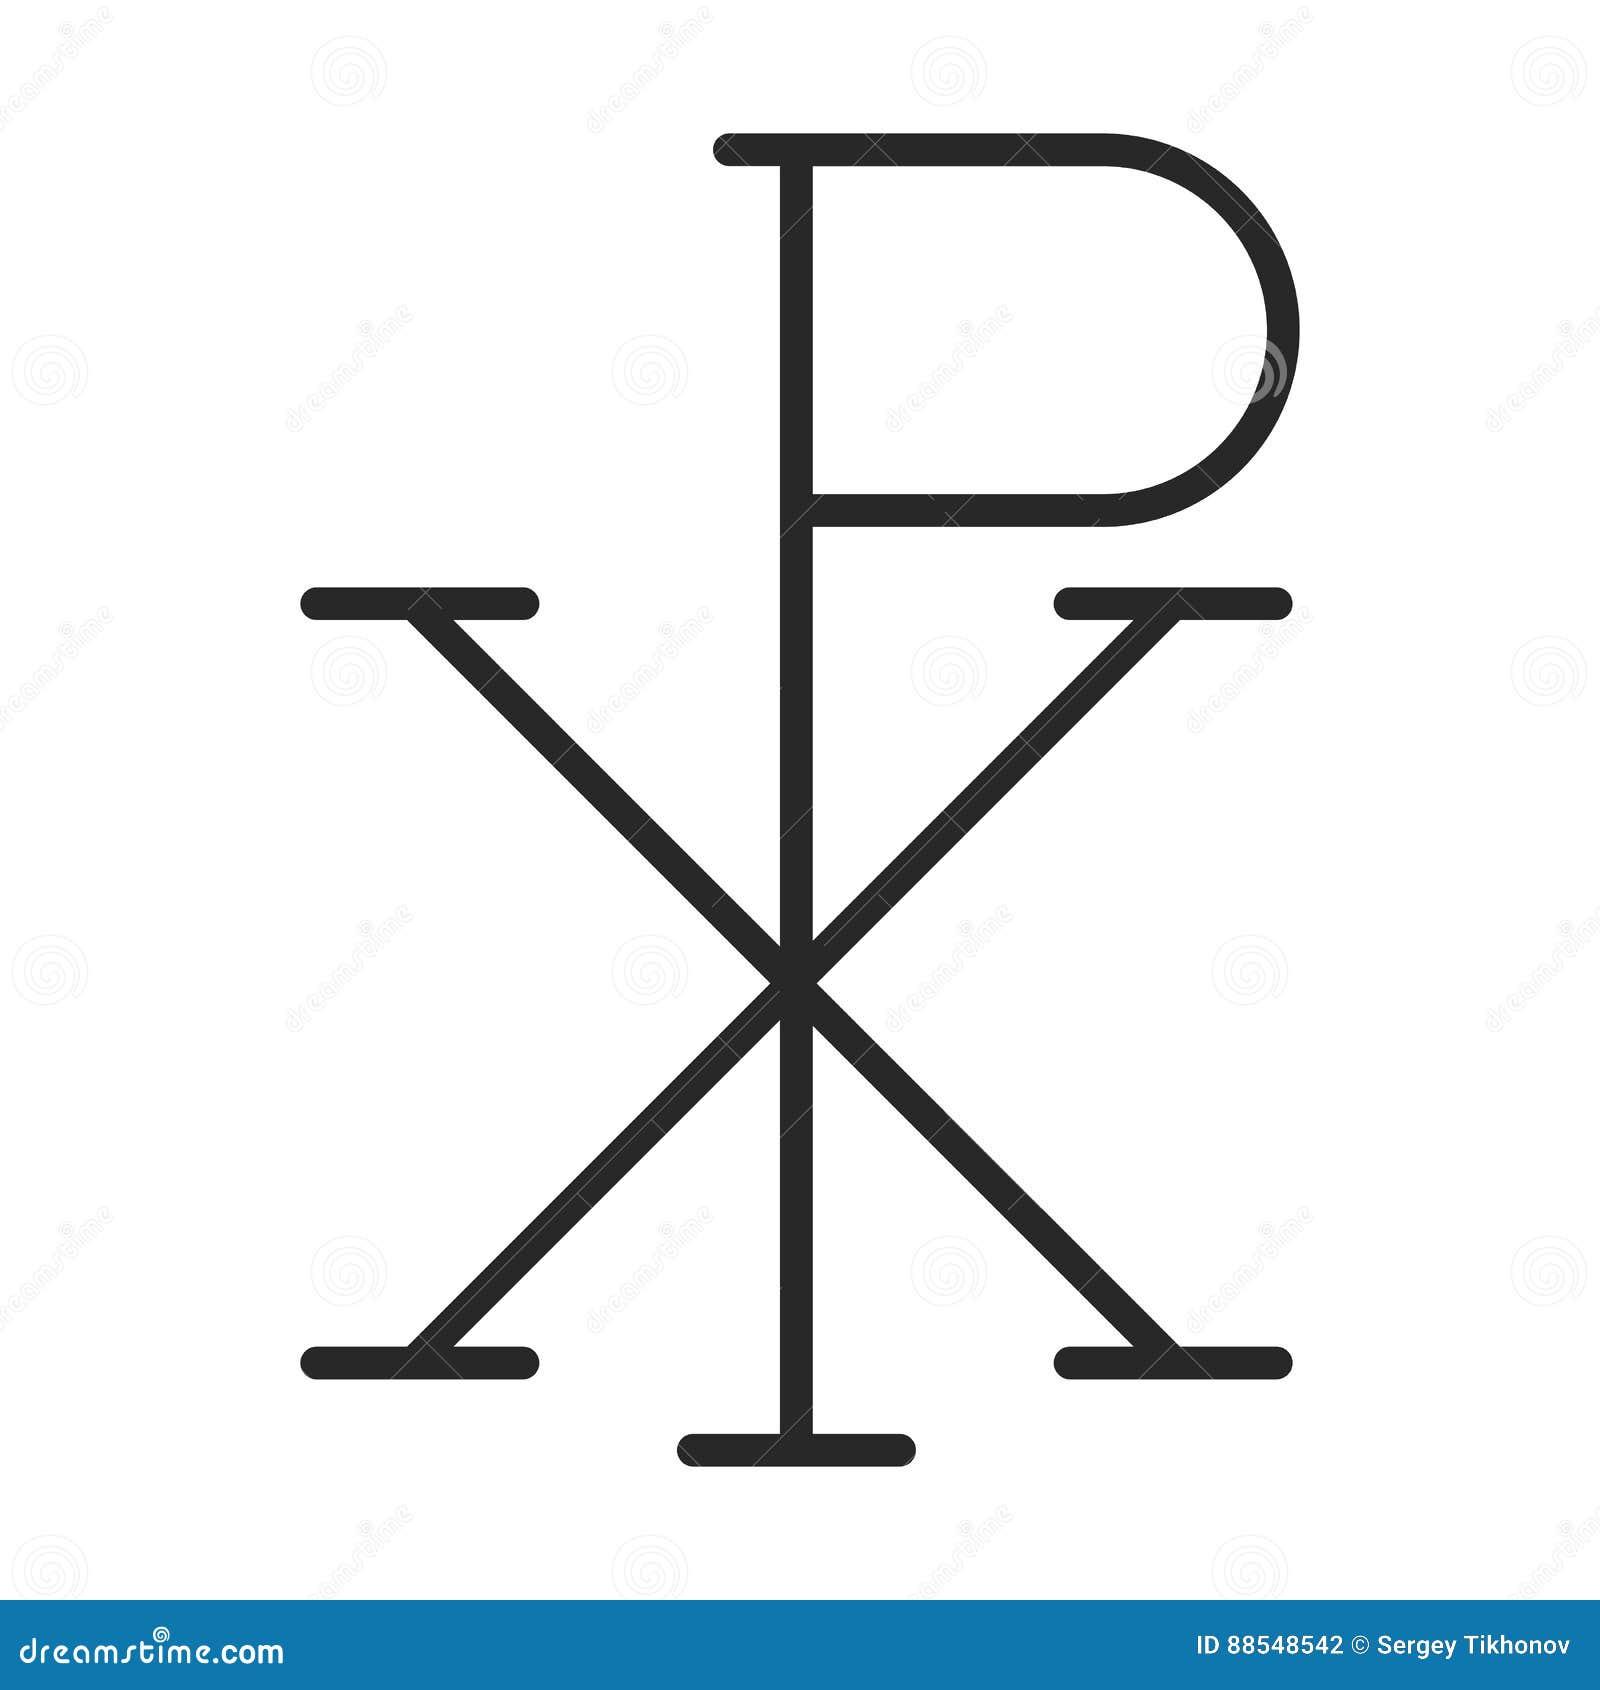 Chi rho symbol icon stock illustration illustration of church chi rho symbol icon biocorpaavc Gallery